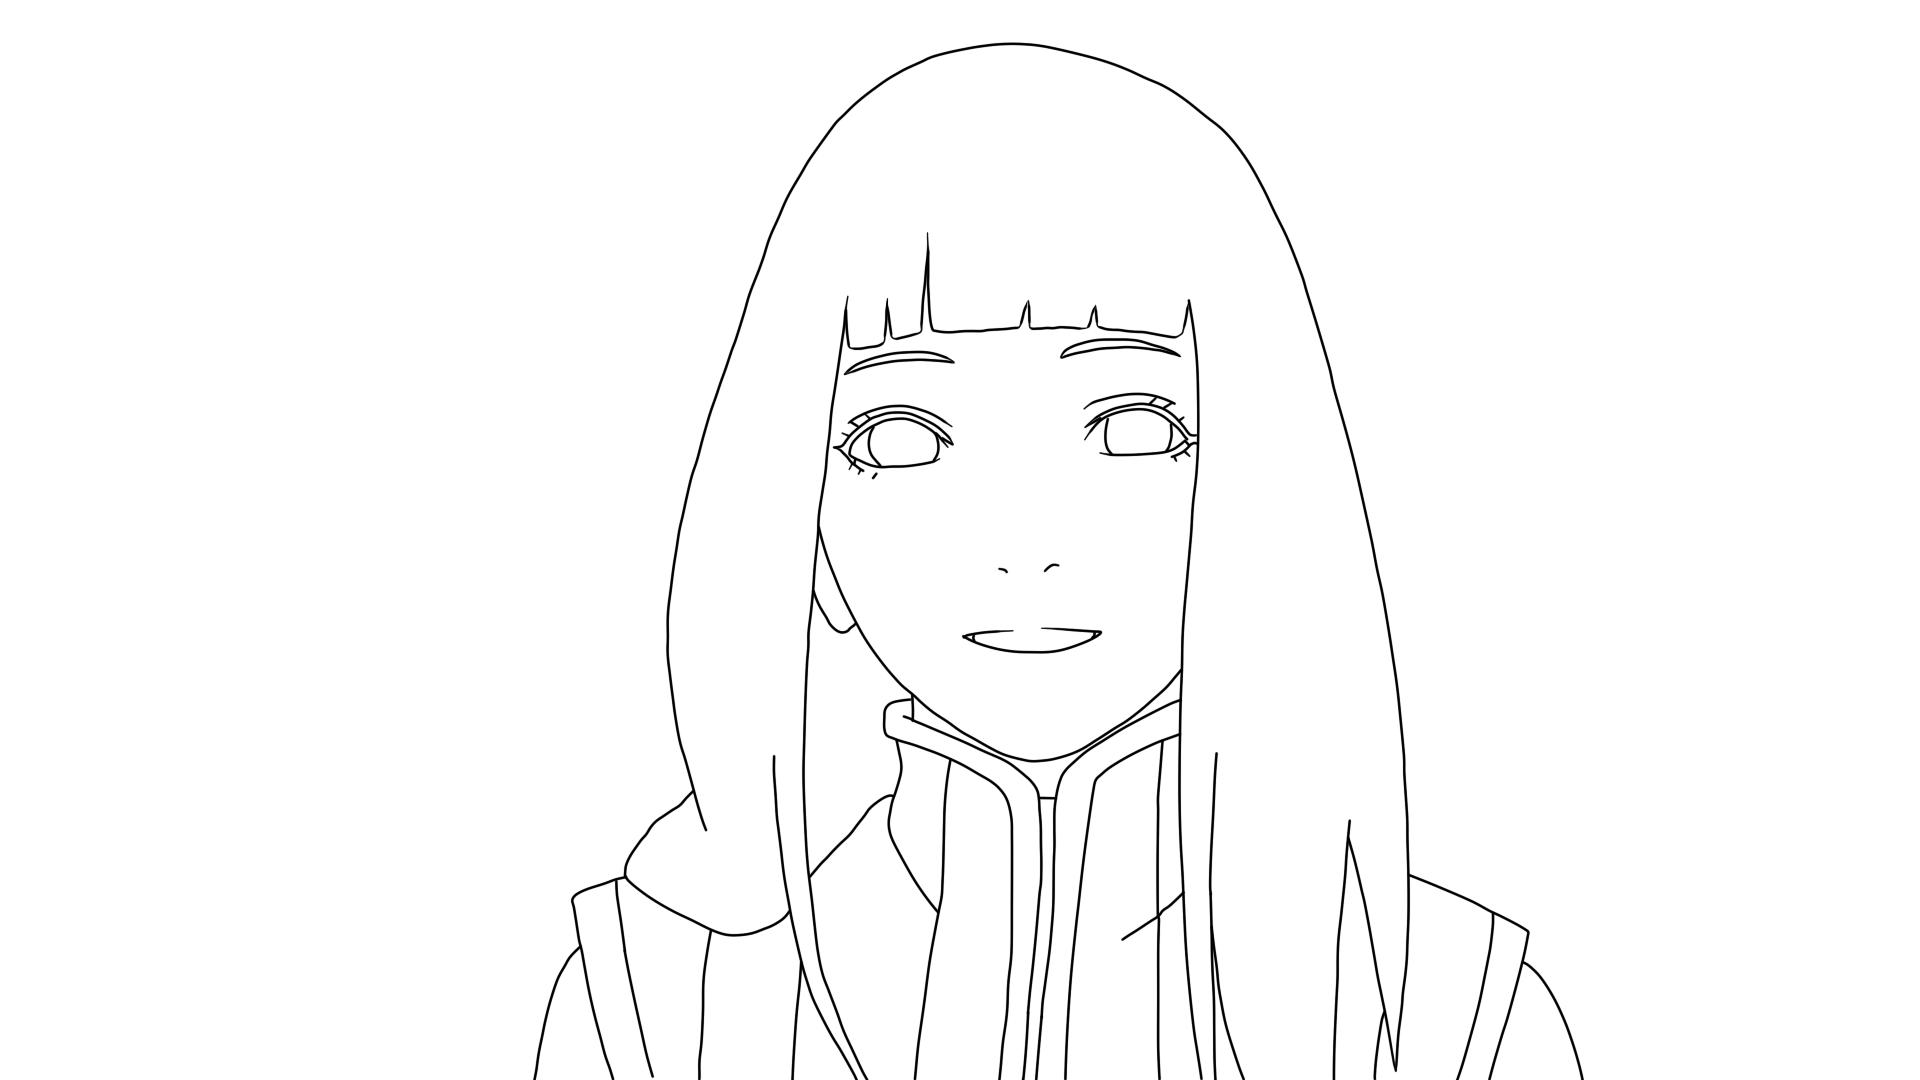 Naruto And Hinata Shippuden And Last Wallpaper 2 By Hinata Hyuga